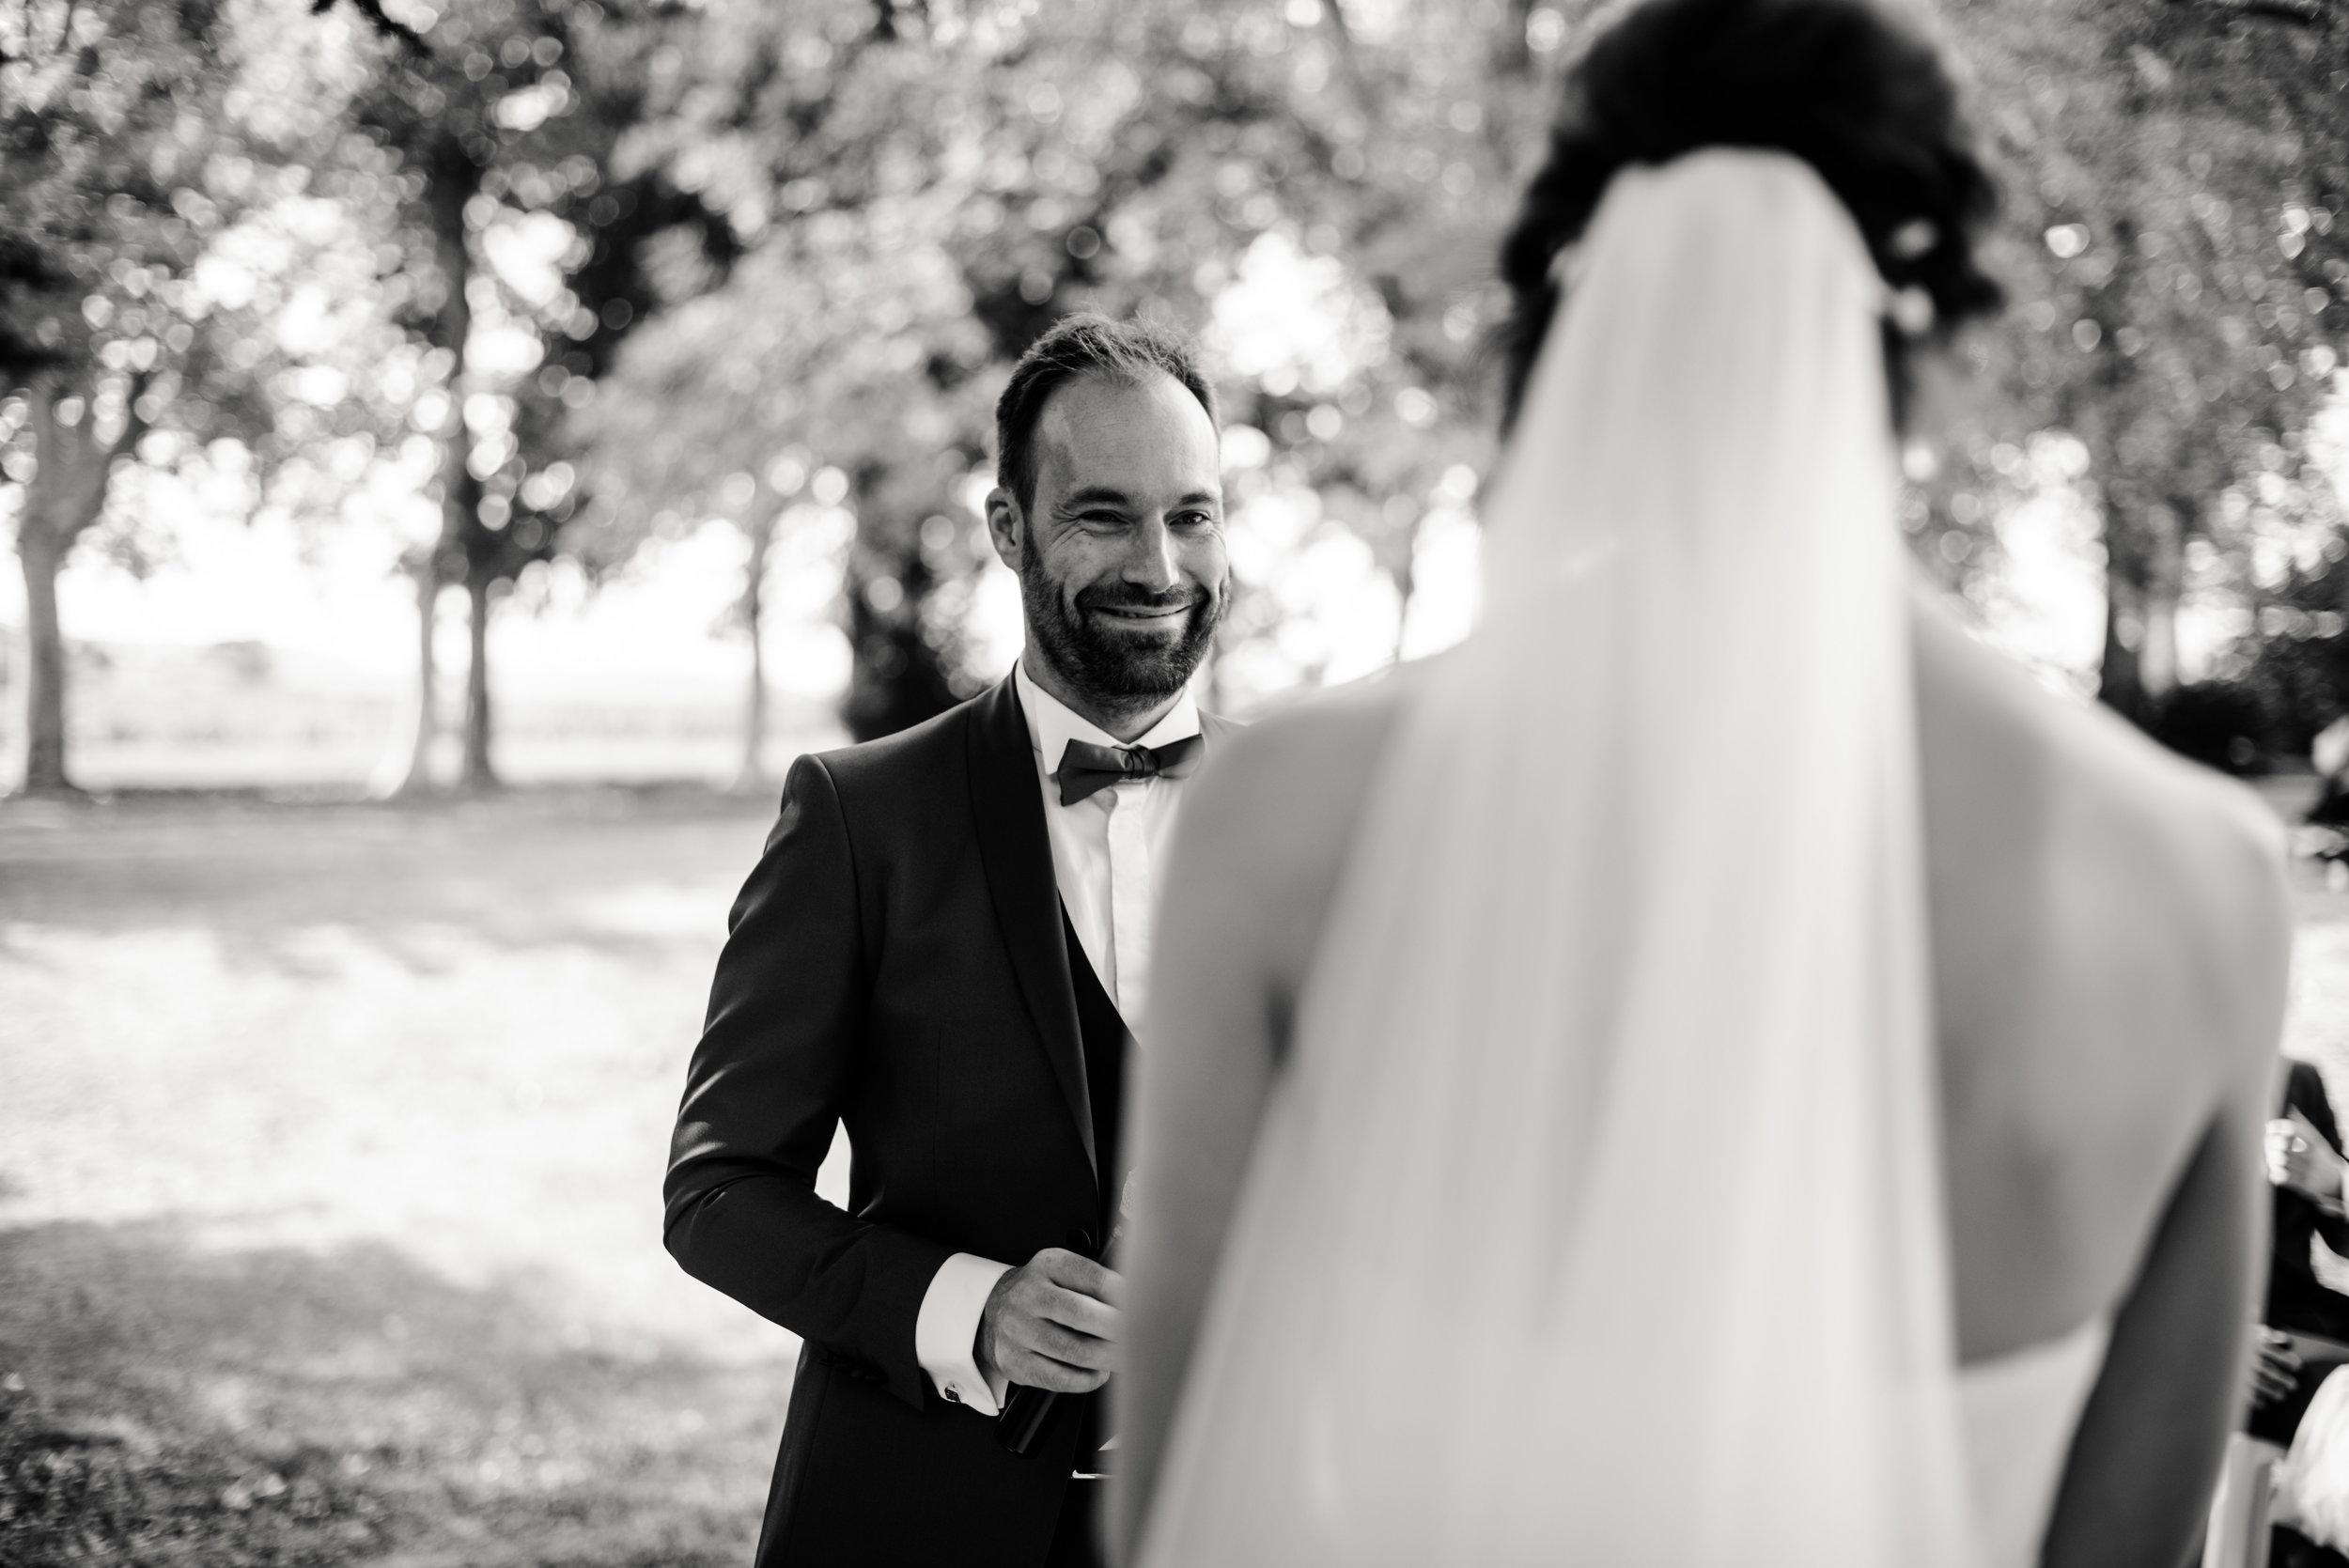 Léa-Fery-photographe-professionnel-lyon-rhone-alpes-portrait-creation-mariage-evenement-evenementiel-famille-9043.jpg